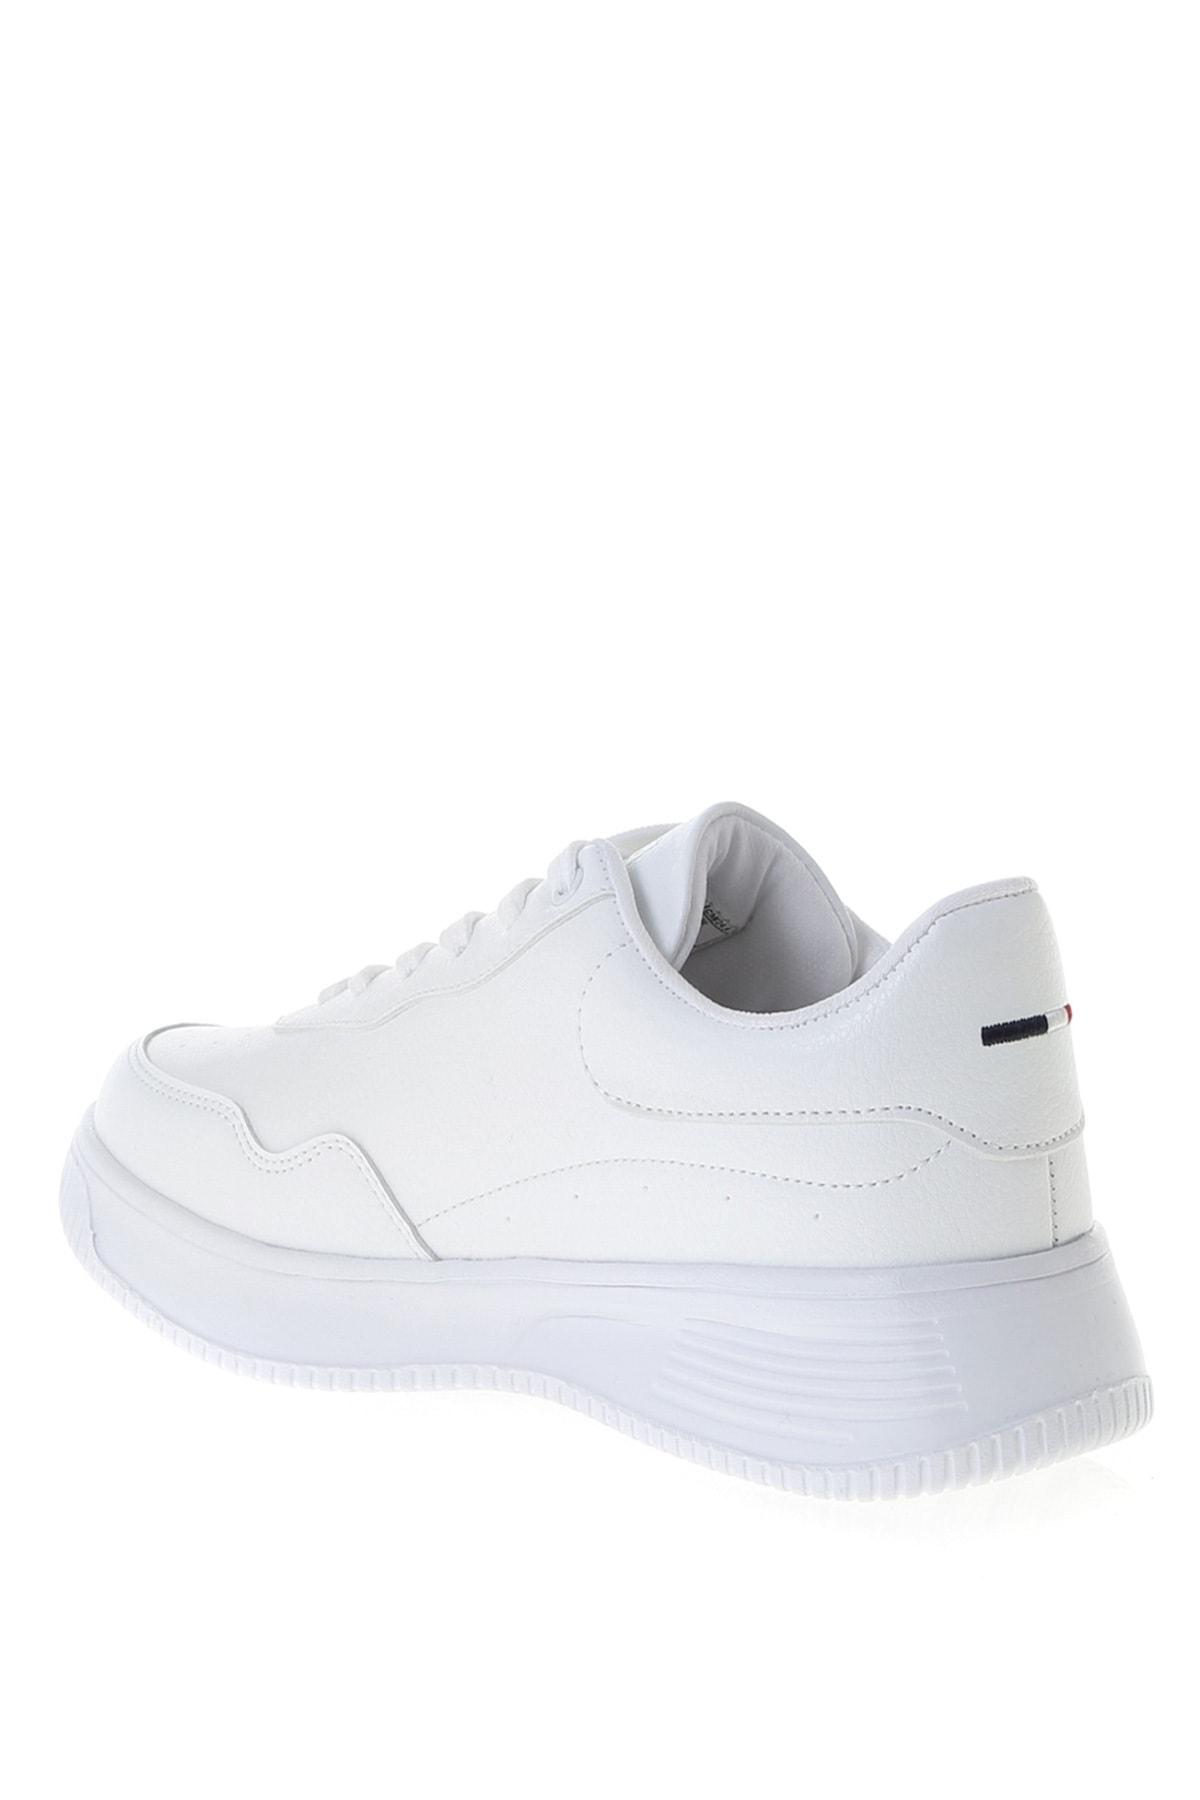 Polo Abe Beyaz Kadın Sneaker 100488846 2